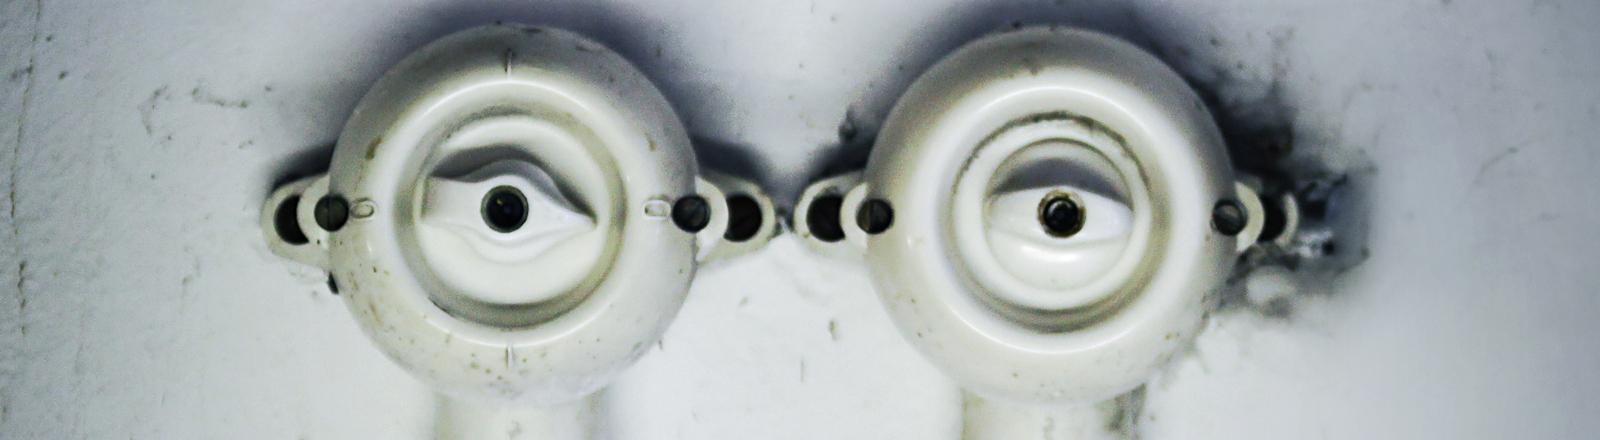 Zwei runde Lichtschalter auf einer weißen Wand direkt nebeneinander; sie ähneln einem Augenpaar.